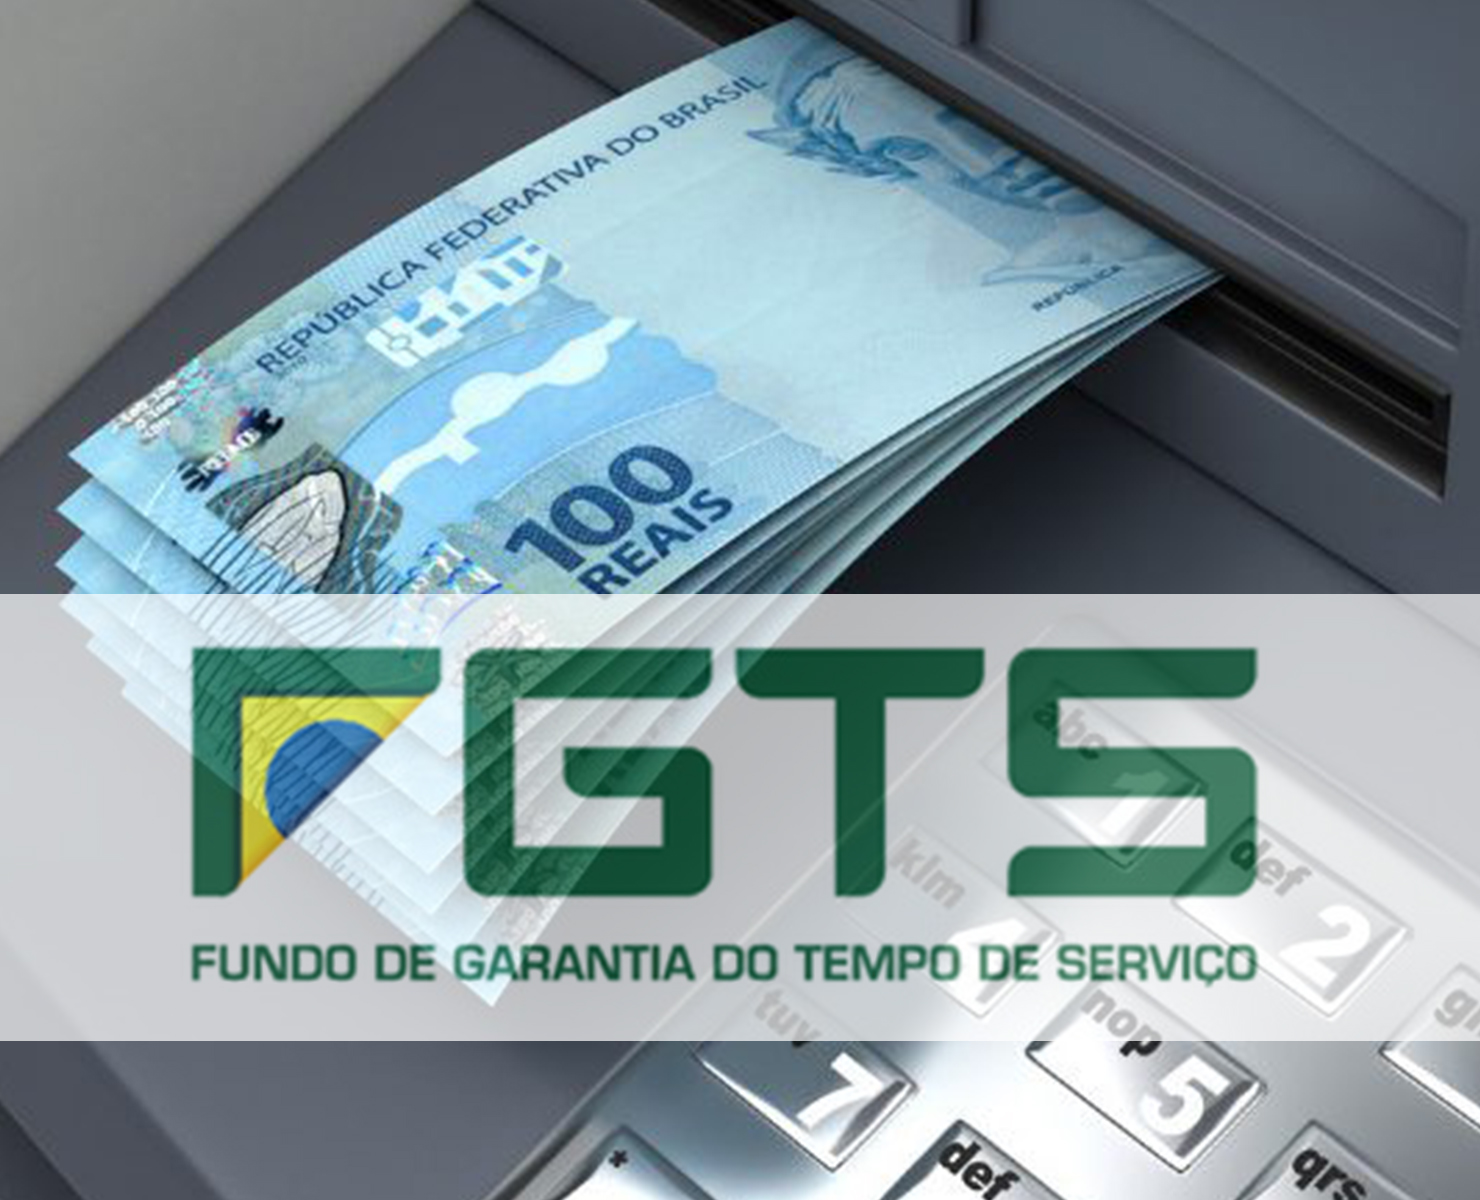 FGTS: SAQUE IMEDIATO PODE SUBIR PARA R$ 998